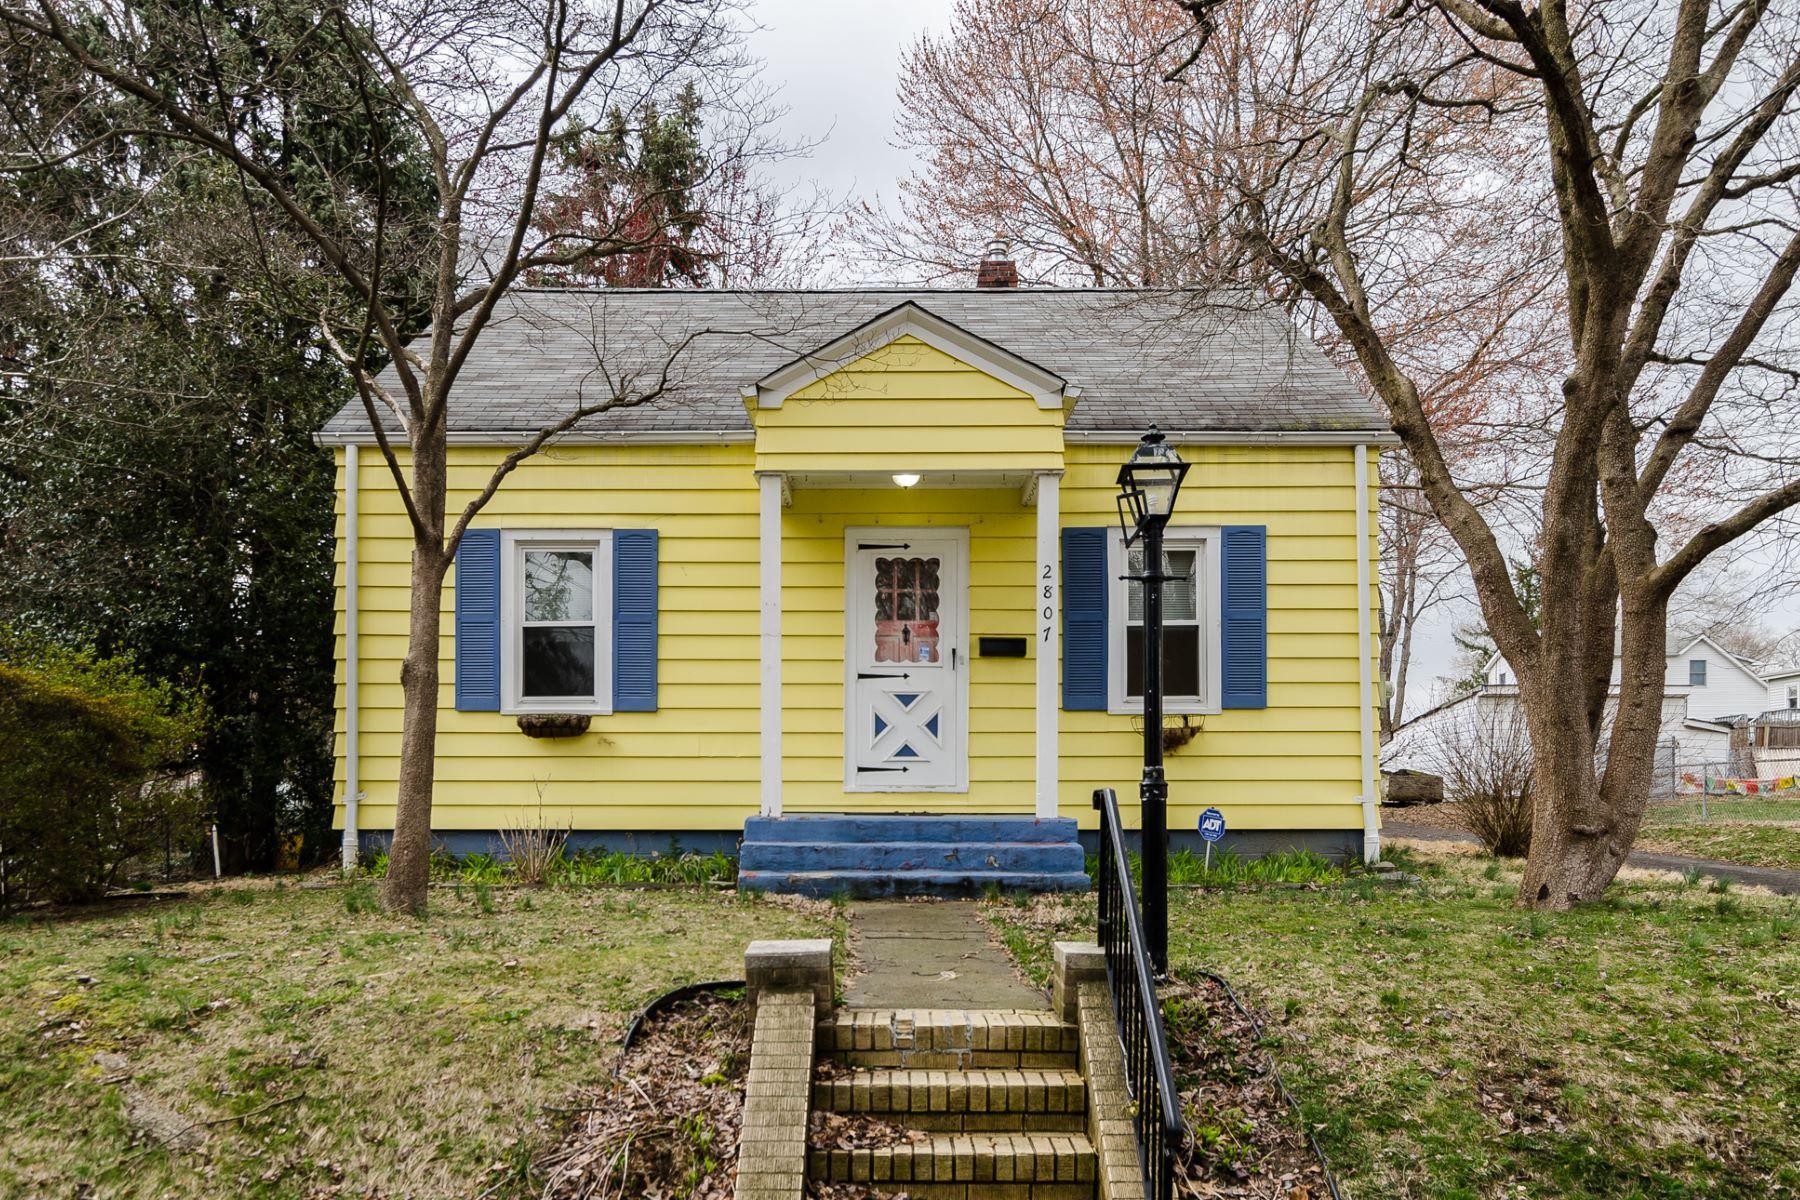 一戸建て のために 売買 アット A Convenient, Smile-Worthy Home in Ewing 2807 Madison Avenue Ewing, ニュージャージー 08638 アメリカ合衆国で/アラウンド: Ewing Township